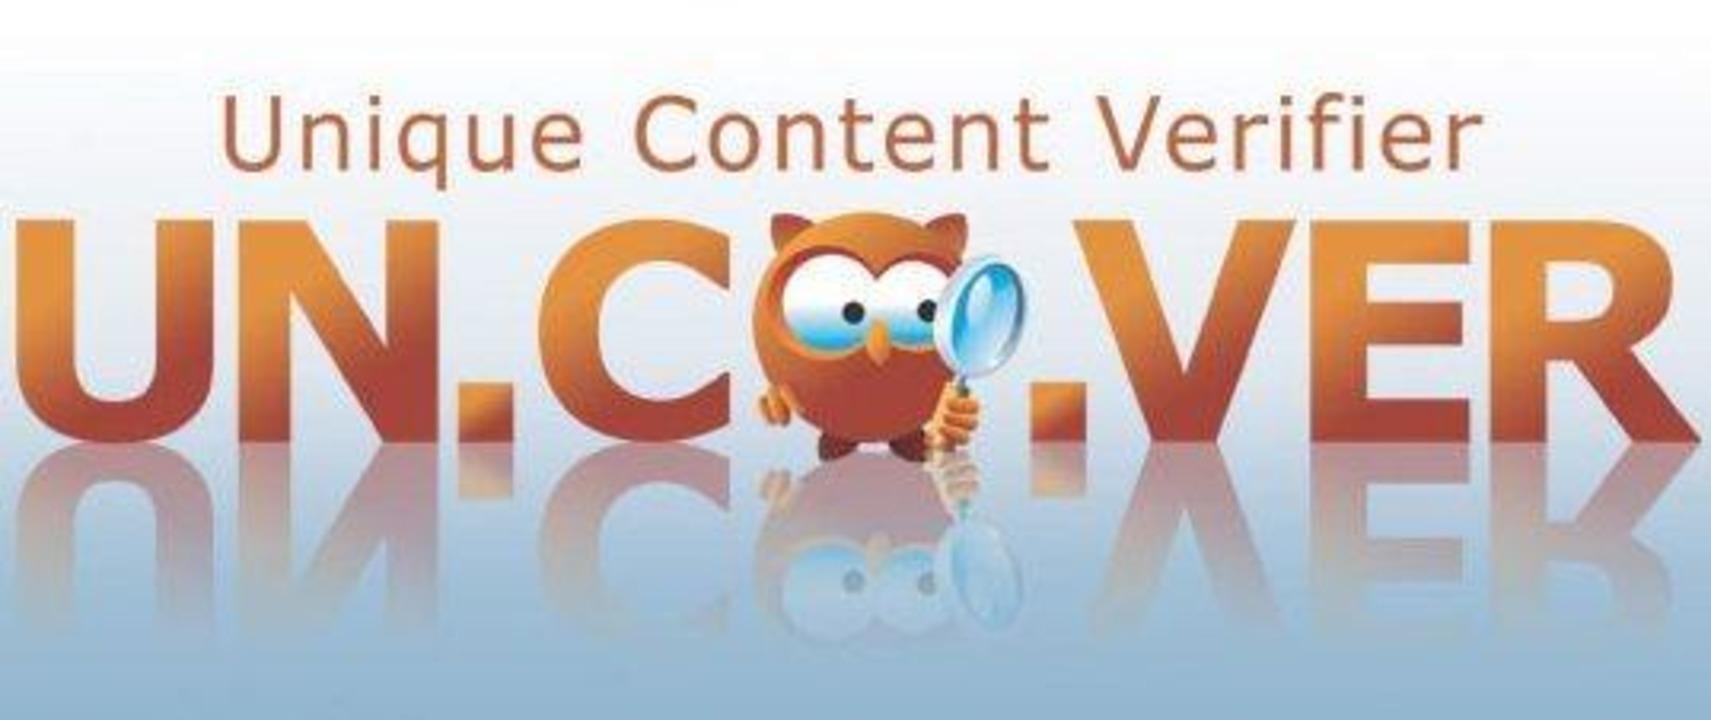 Der Unique Content Verifier für Window...nux durchsucht das Web nach Plagiaten.